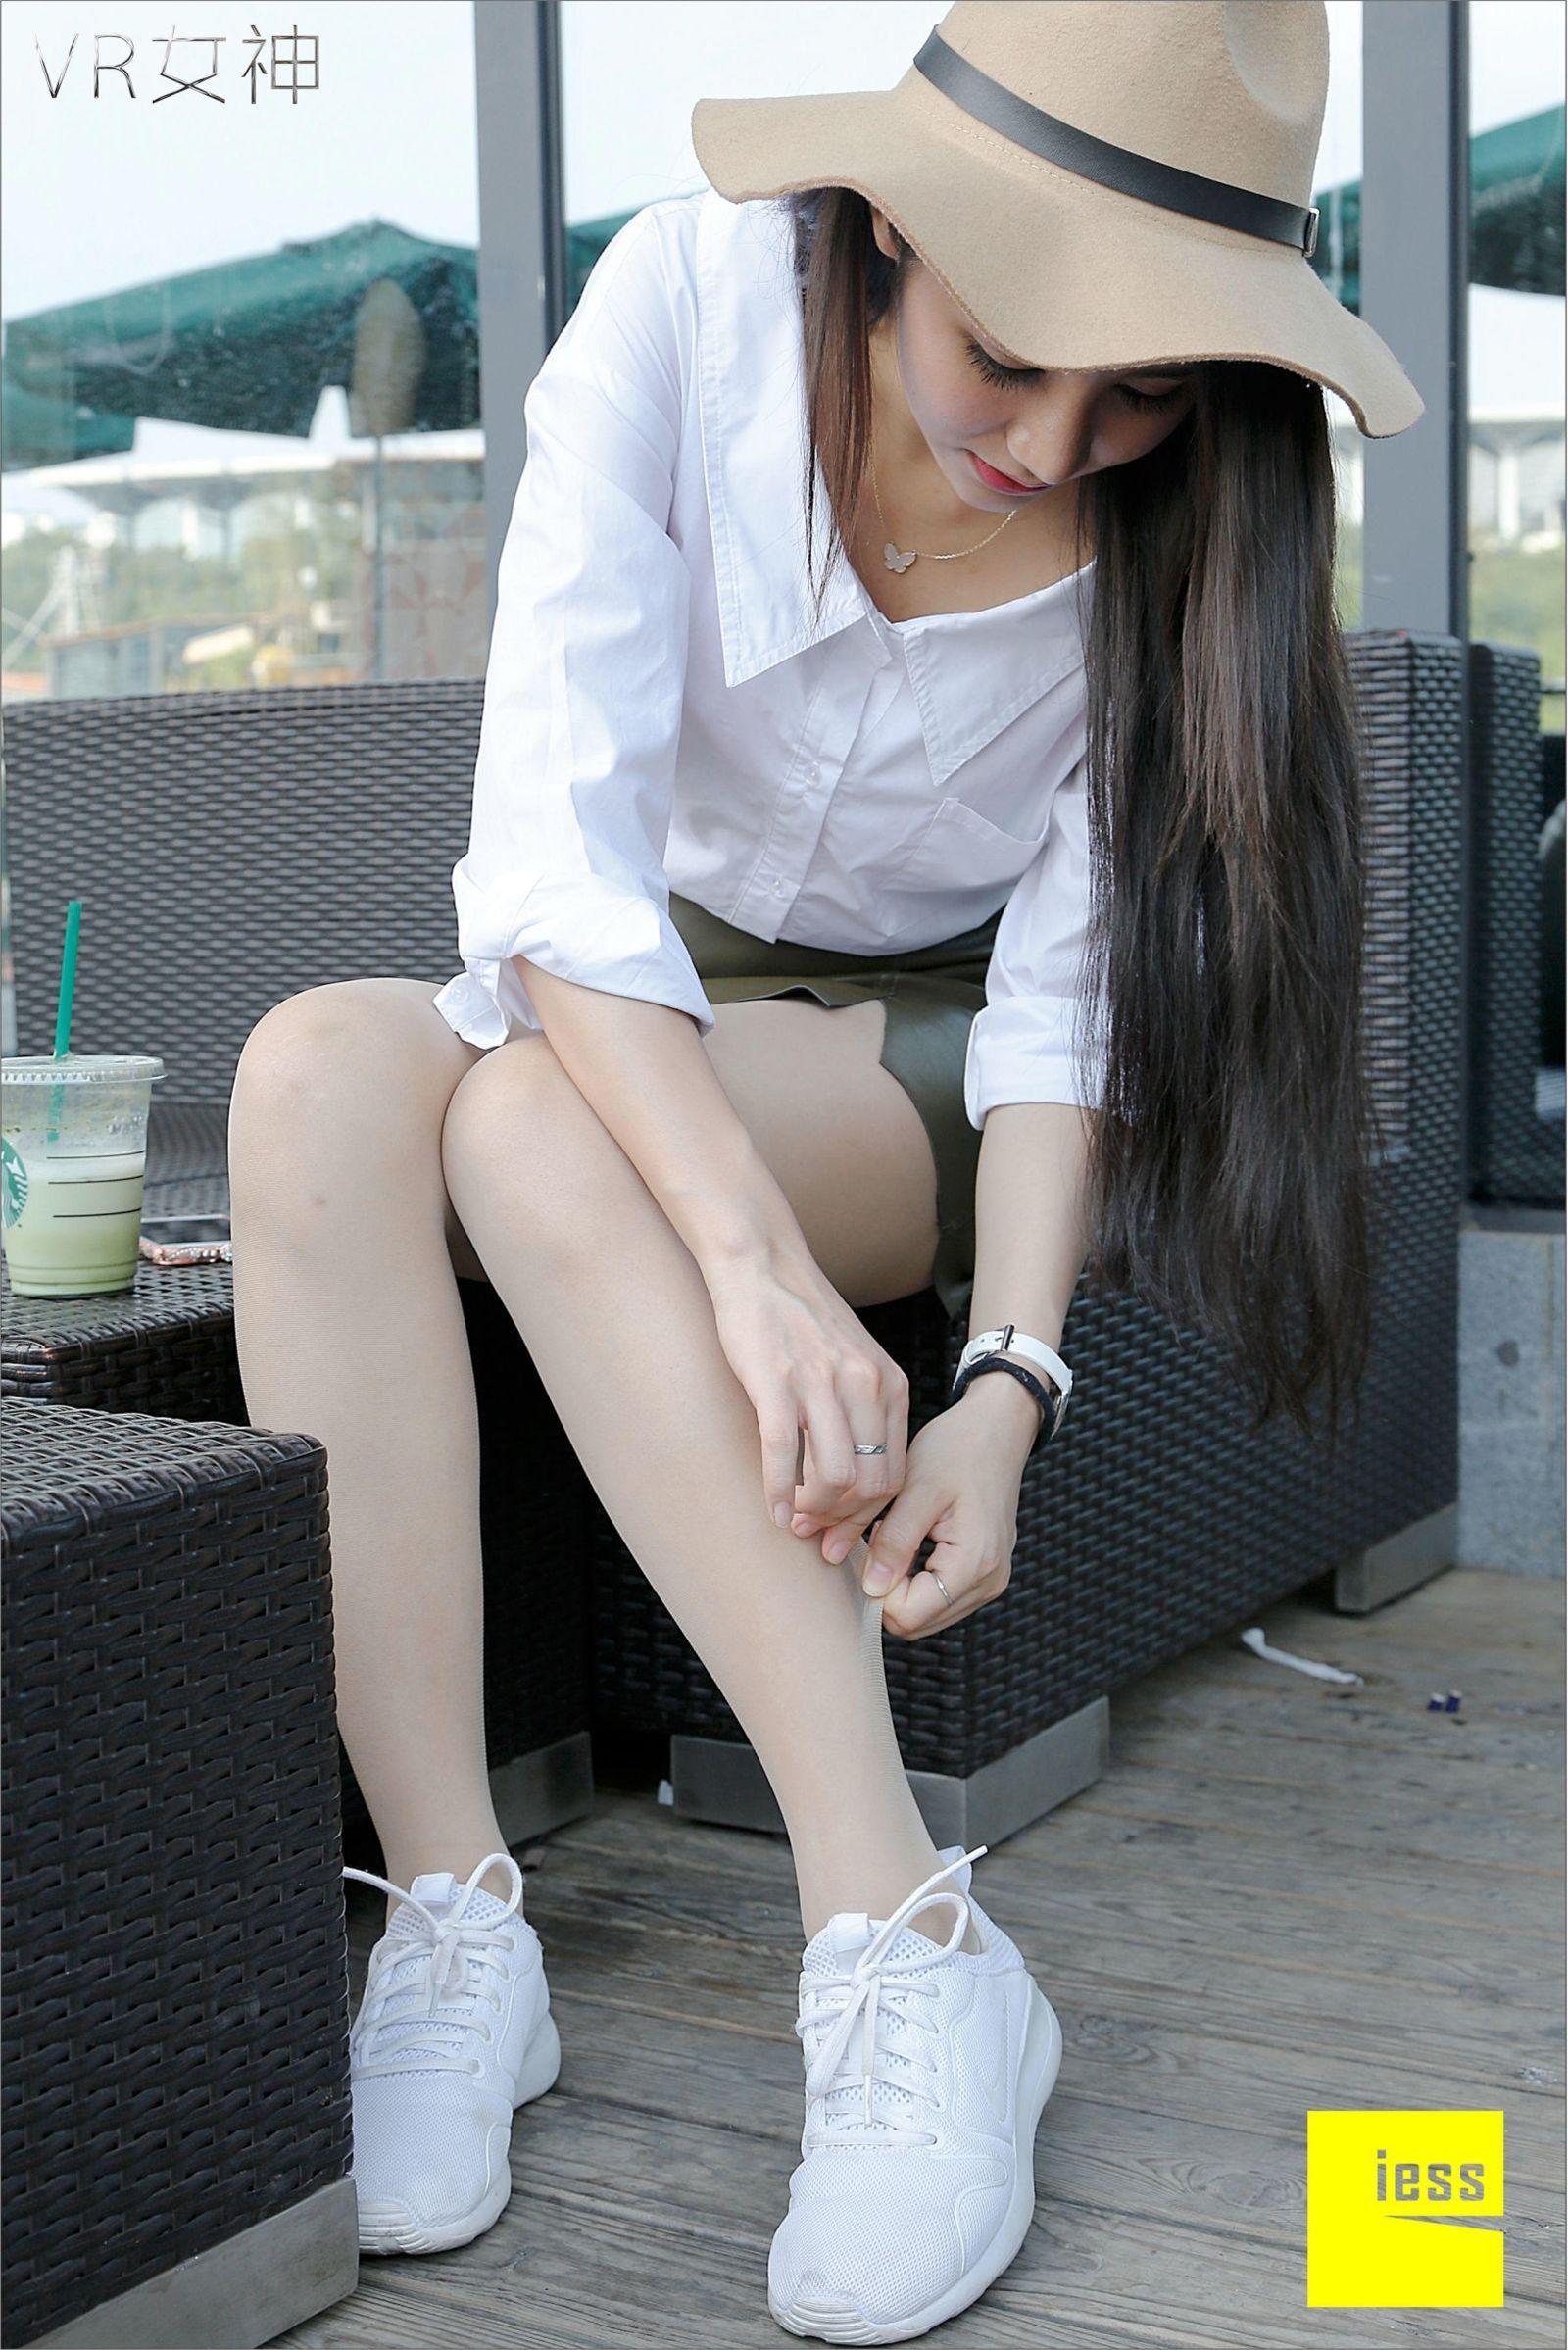 [异思趣向] 女主播SASA 白球鞋的丝足梦游[95P] 异思趣向 第4张